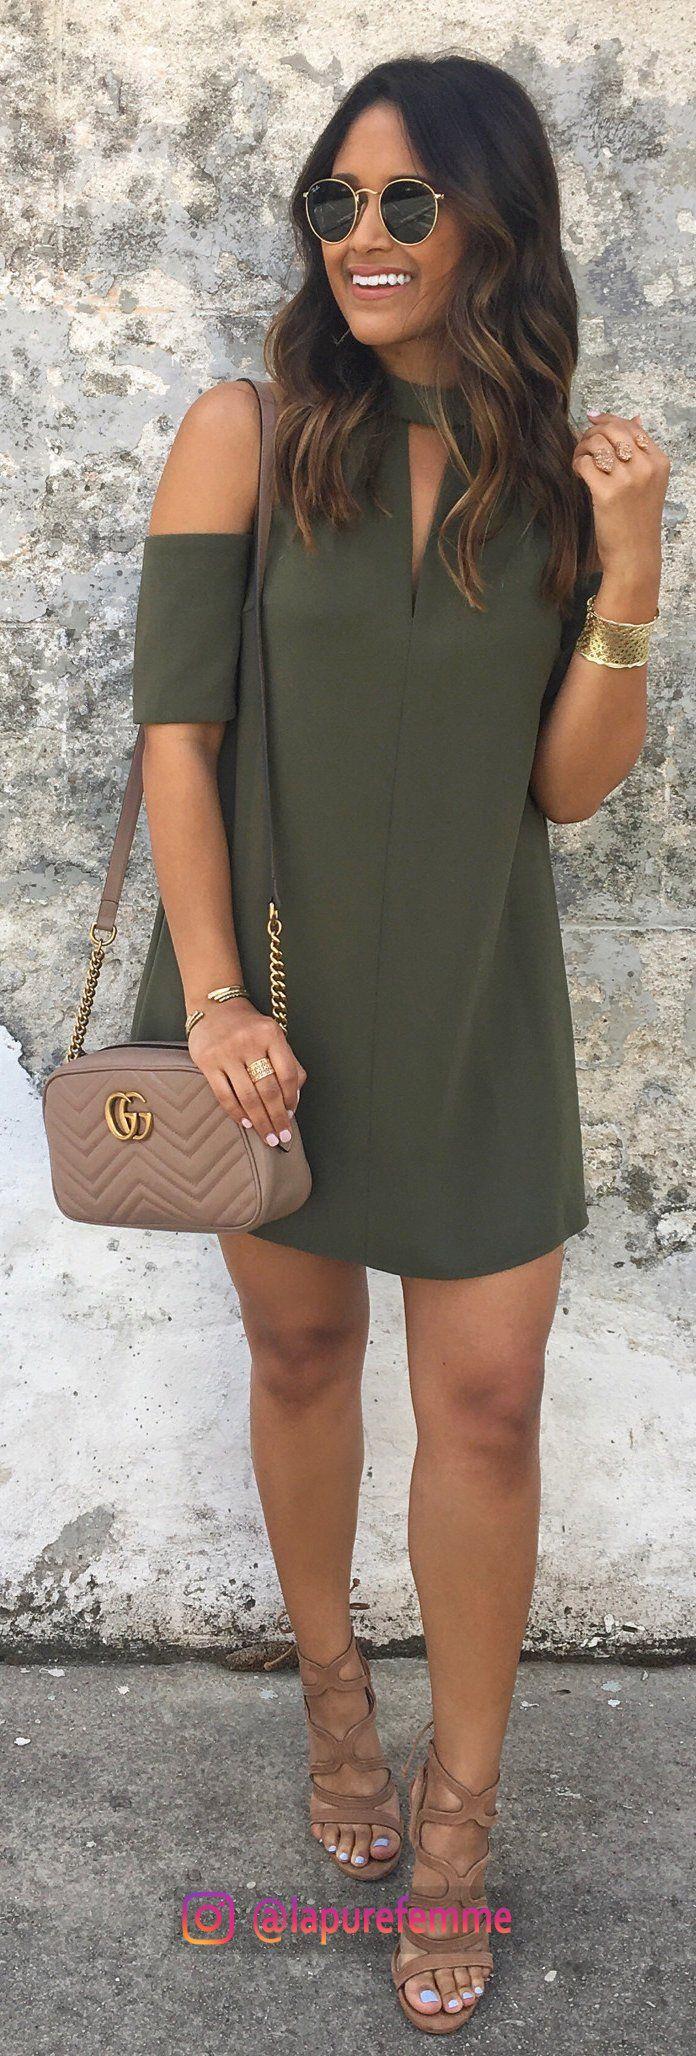 717 best haljine | Kleider images on Pinterest | Fashion design ...